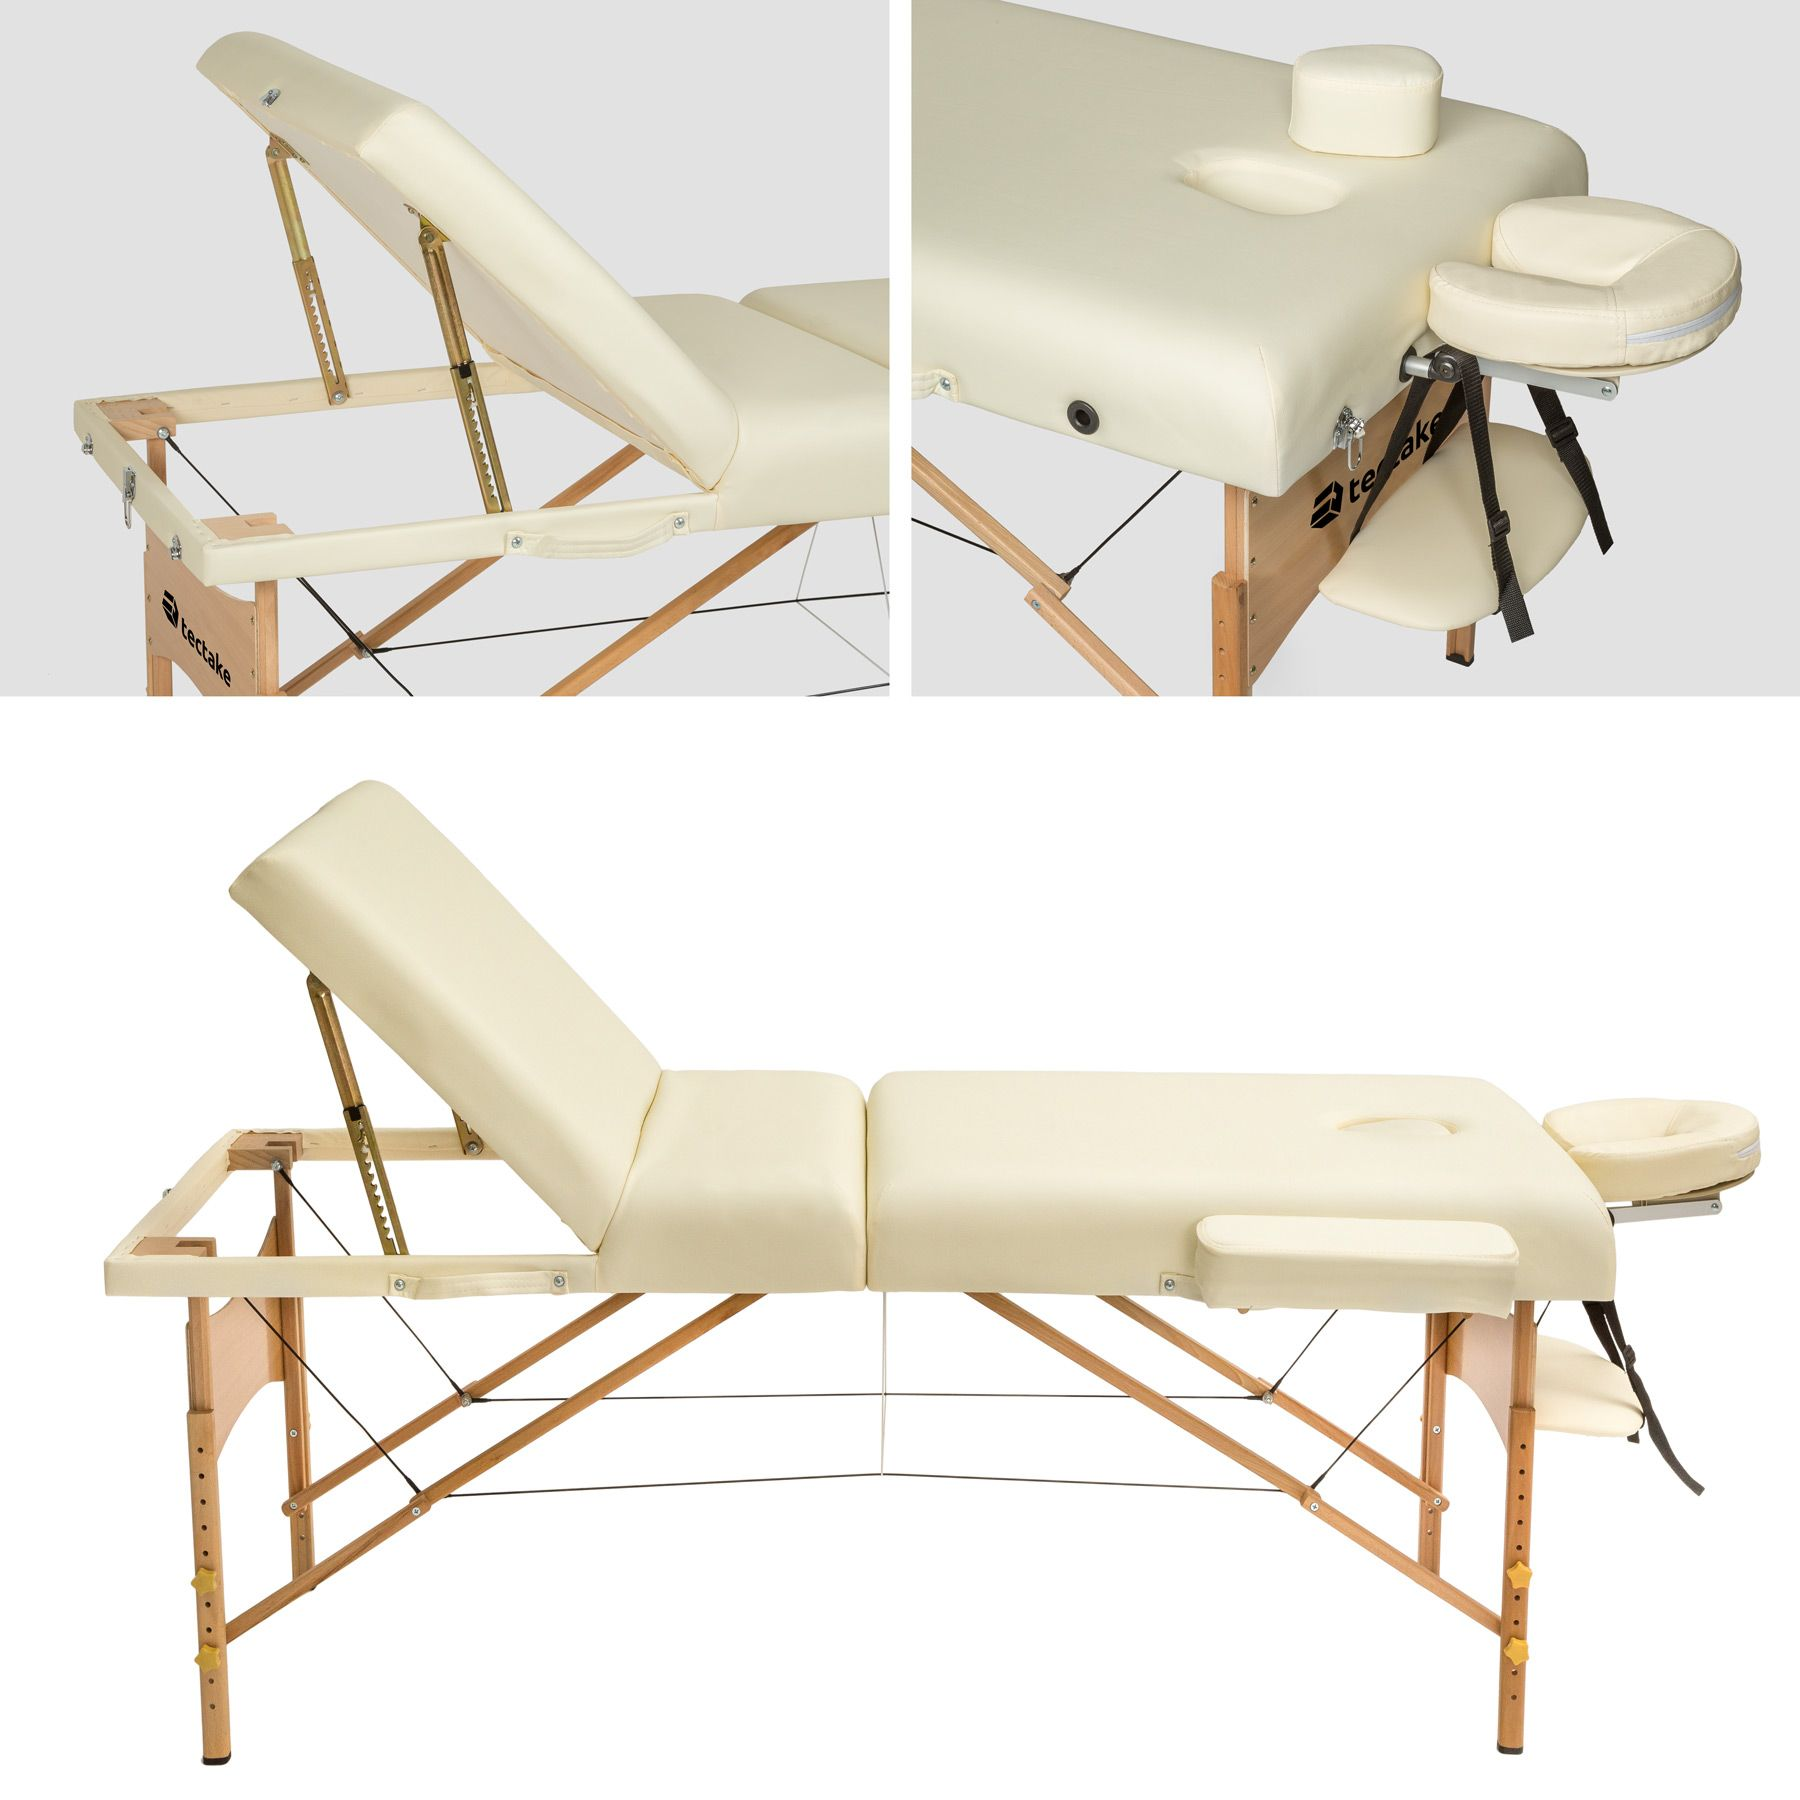 Table de massage cosmetique lit de massage paisseur de coussin 10cm ebay - Table de massage pliante ebay ...